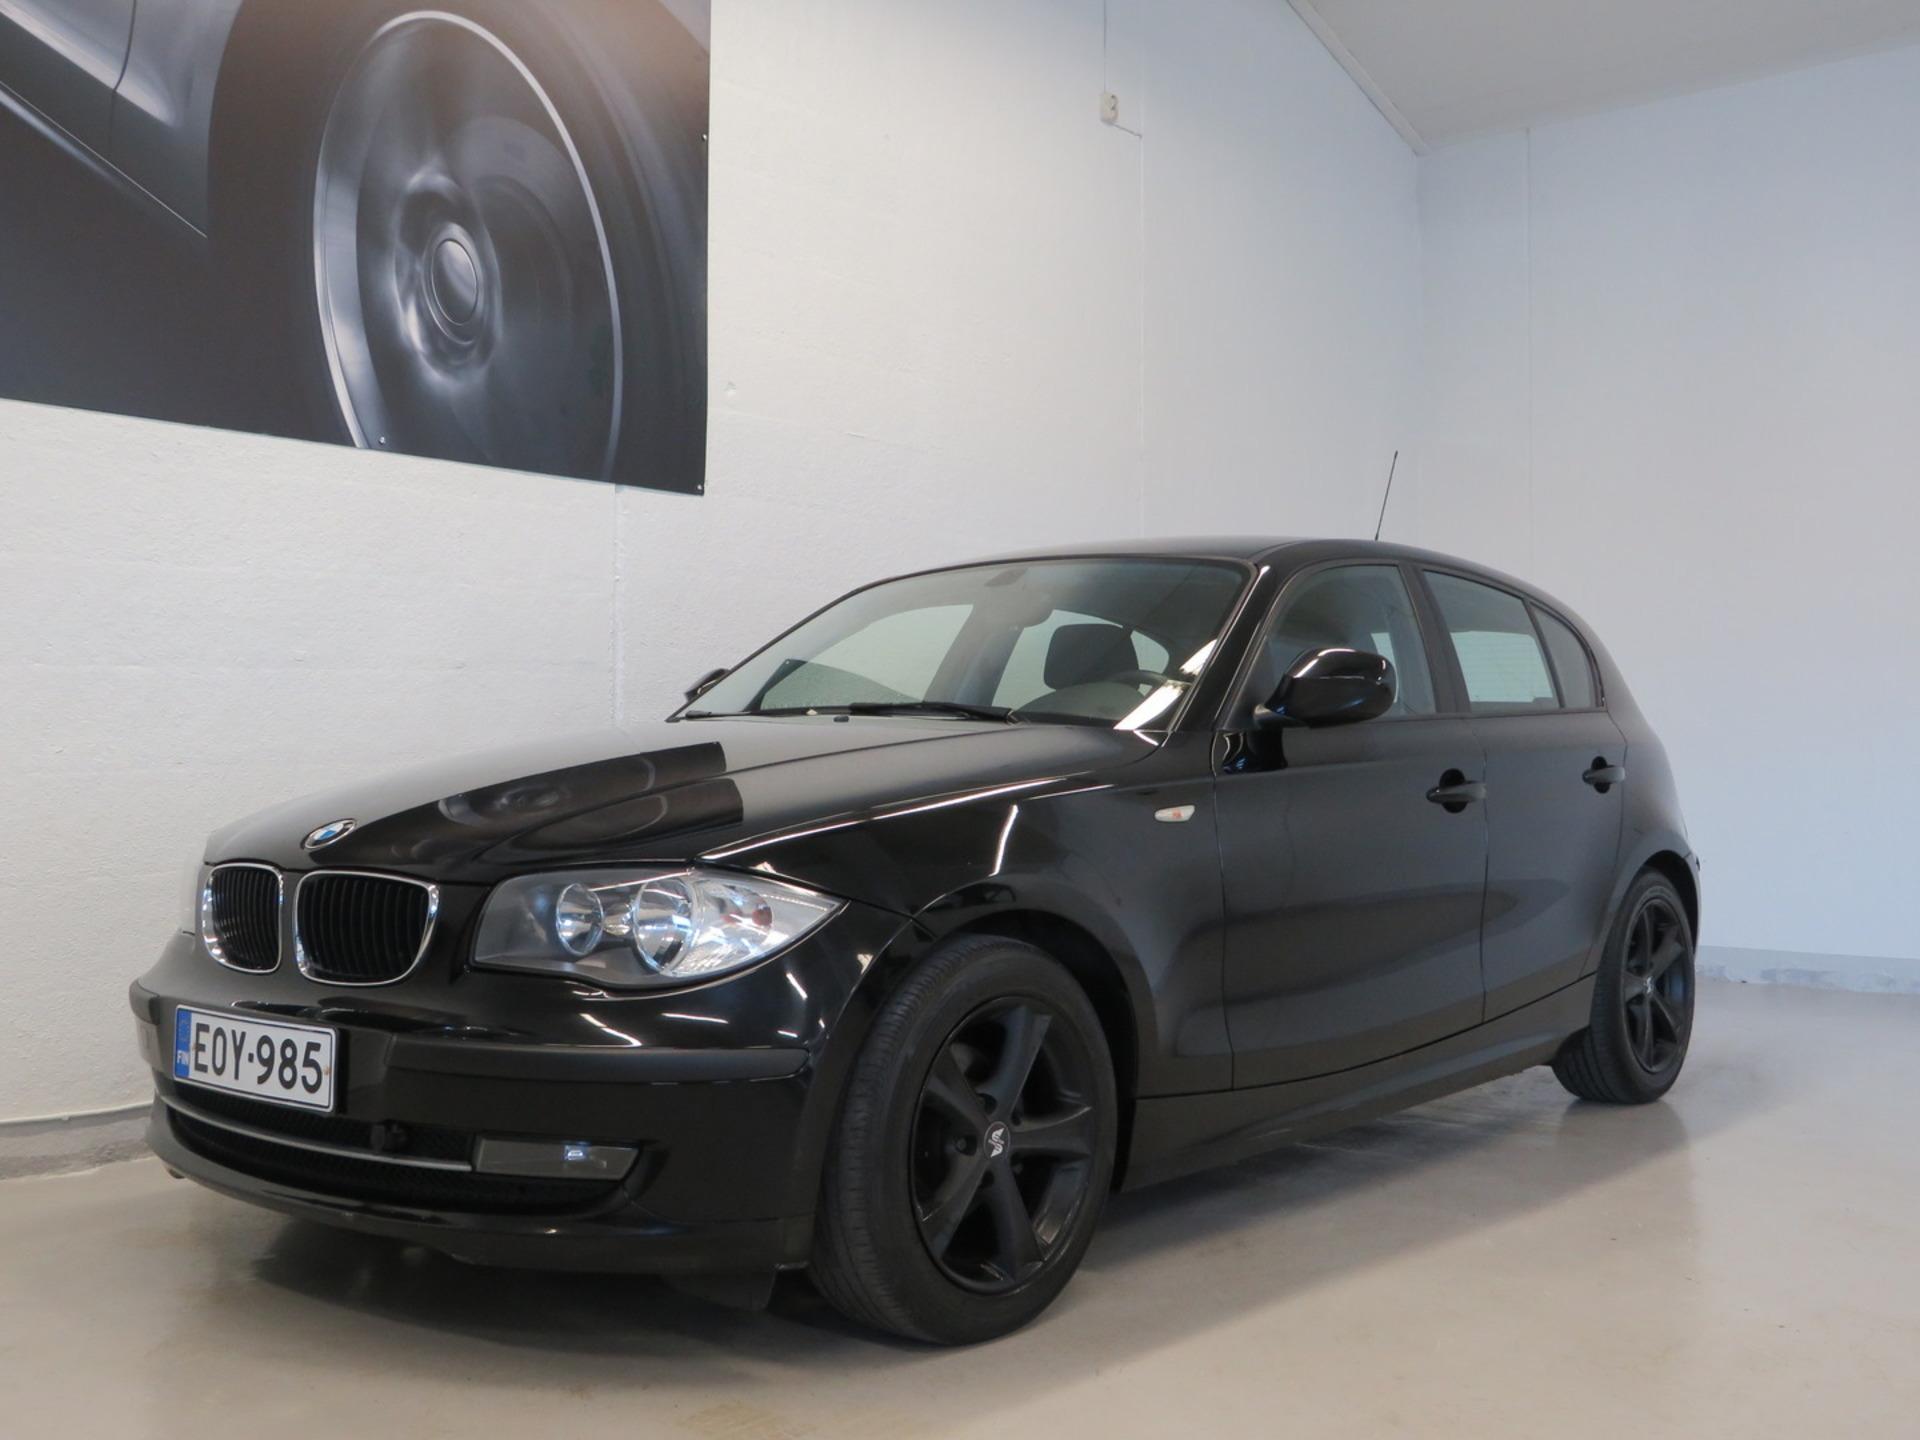 BMW 116 E87 Hatchback 5-ov - Korko 1, 99%! Rahoitus alkaen 0? käsirahalla! Hyvin huollettu!